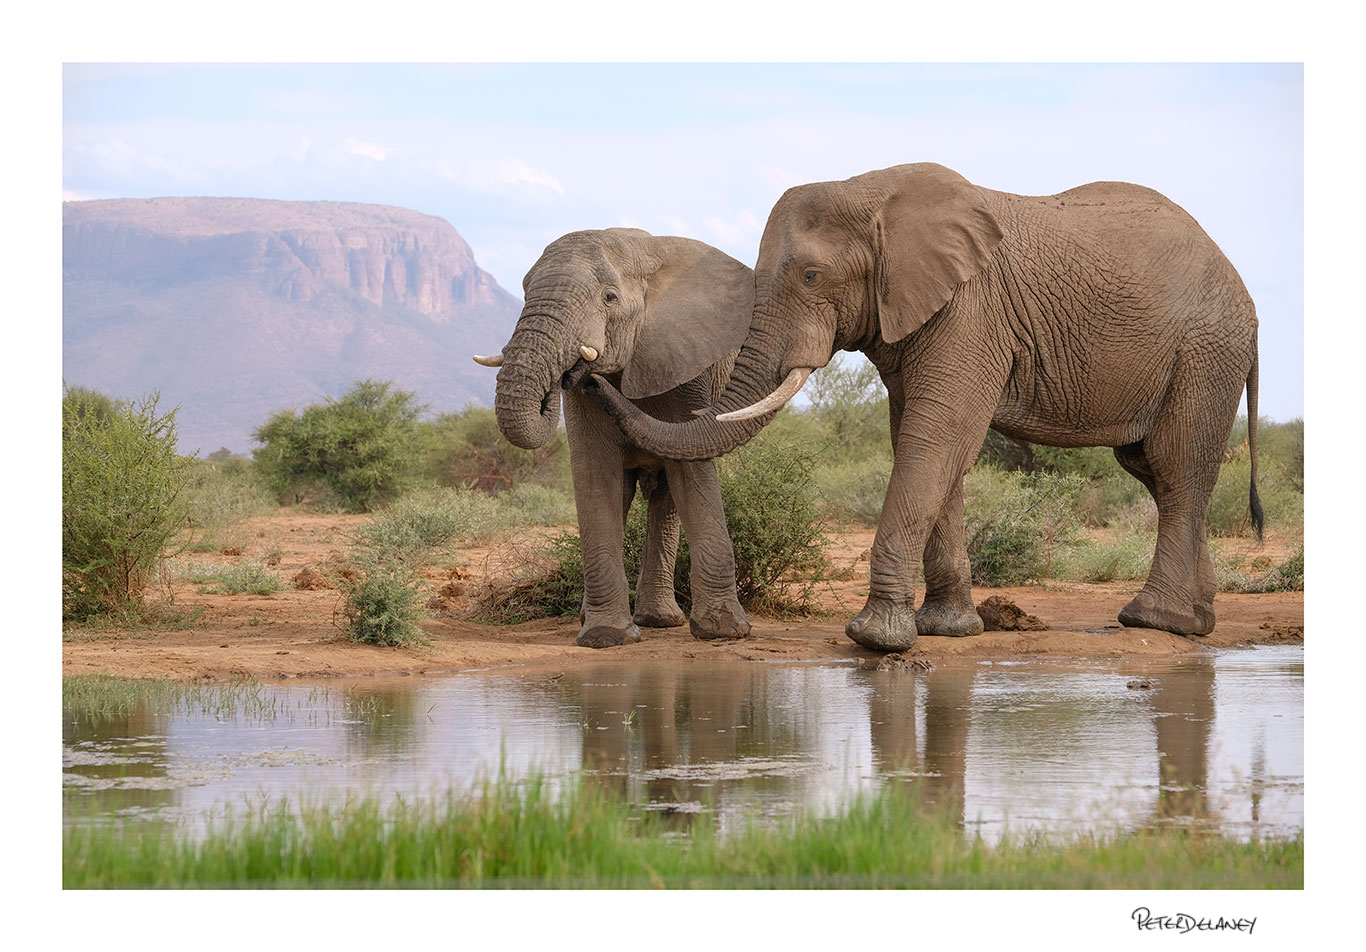 Bull Elephants Tenderness